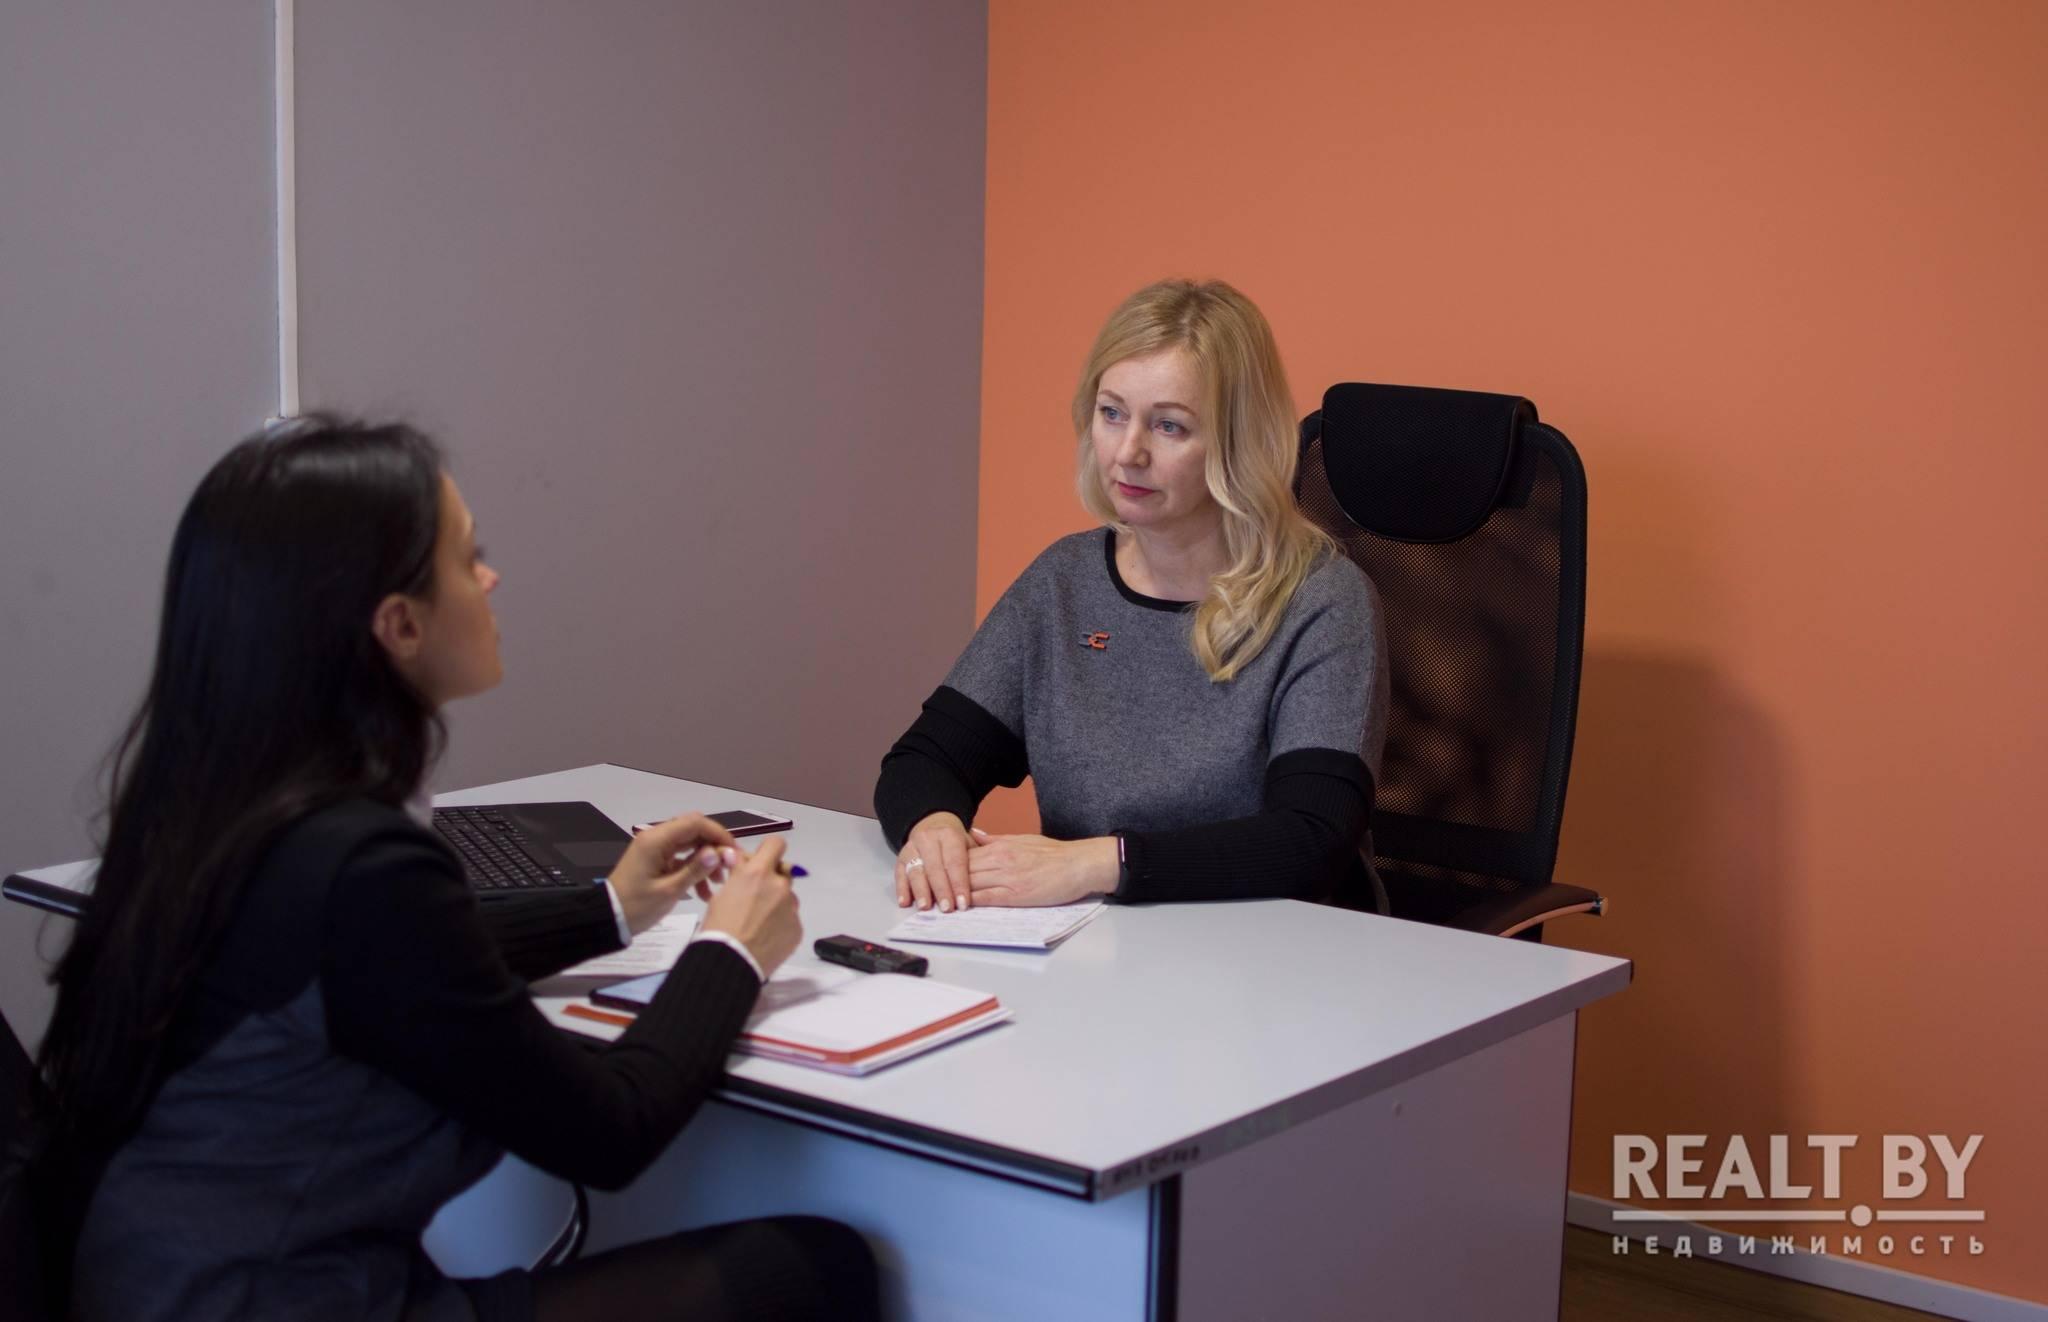 Интервью без правил «профессиональный портрет». интервью - сайт помощи психологам и студентам